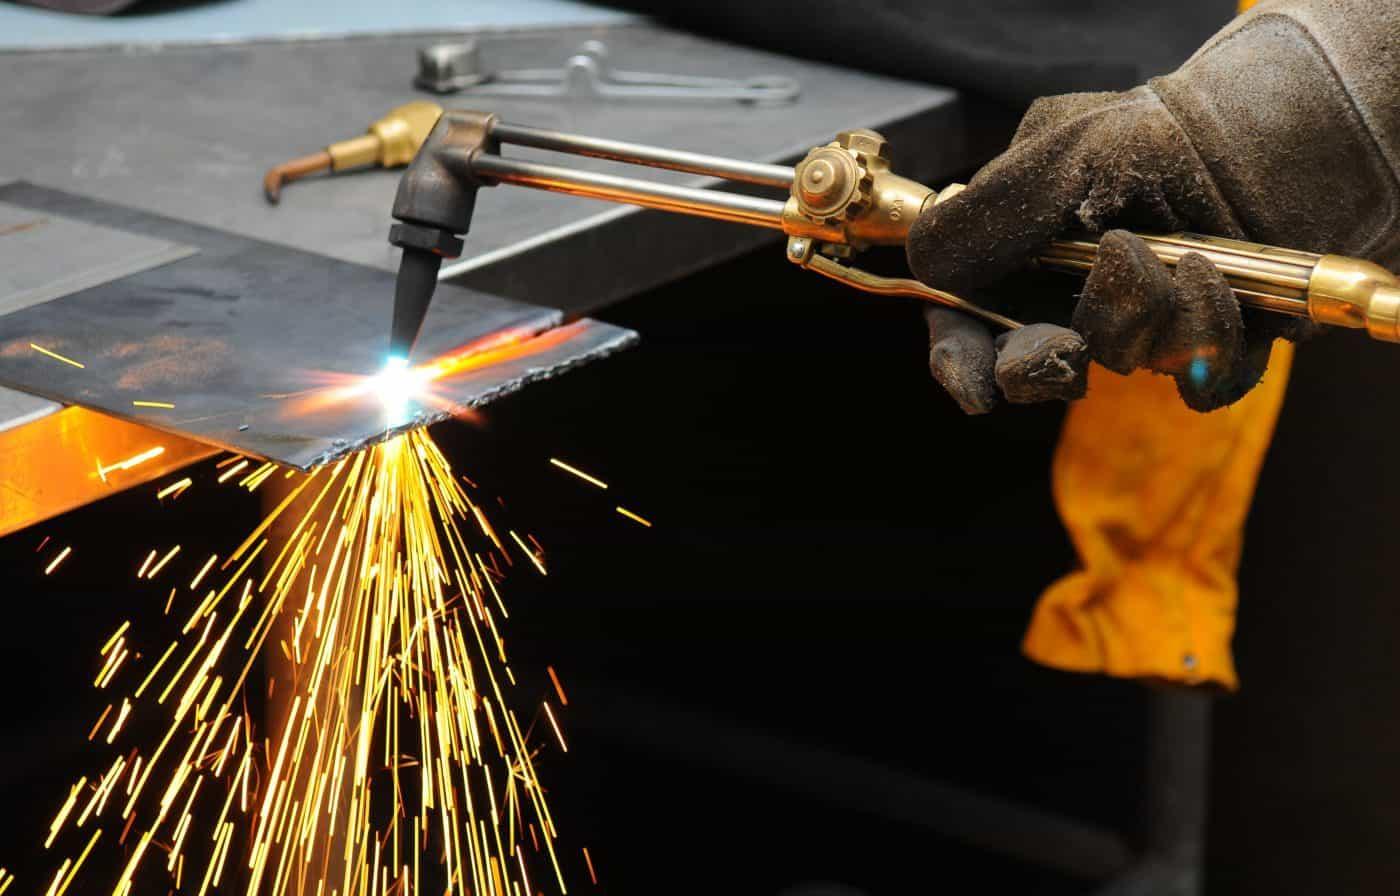 metal cutting torch burning